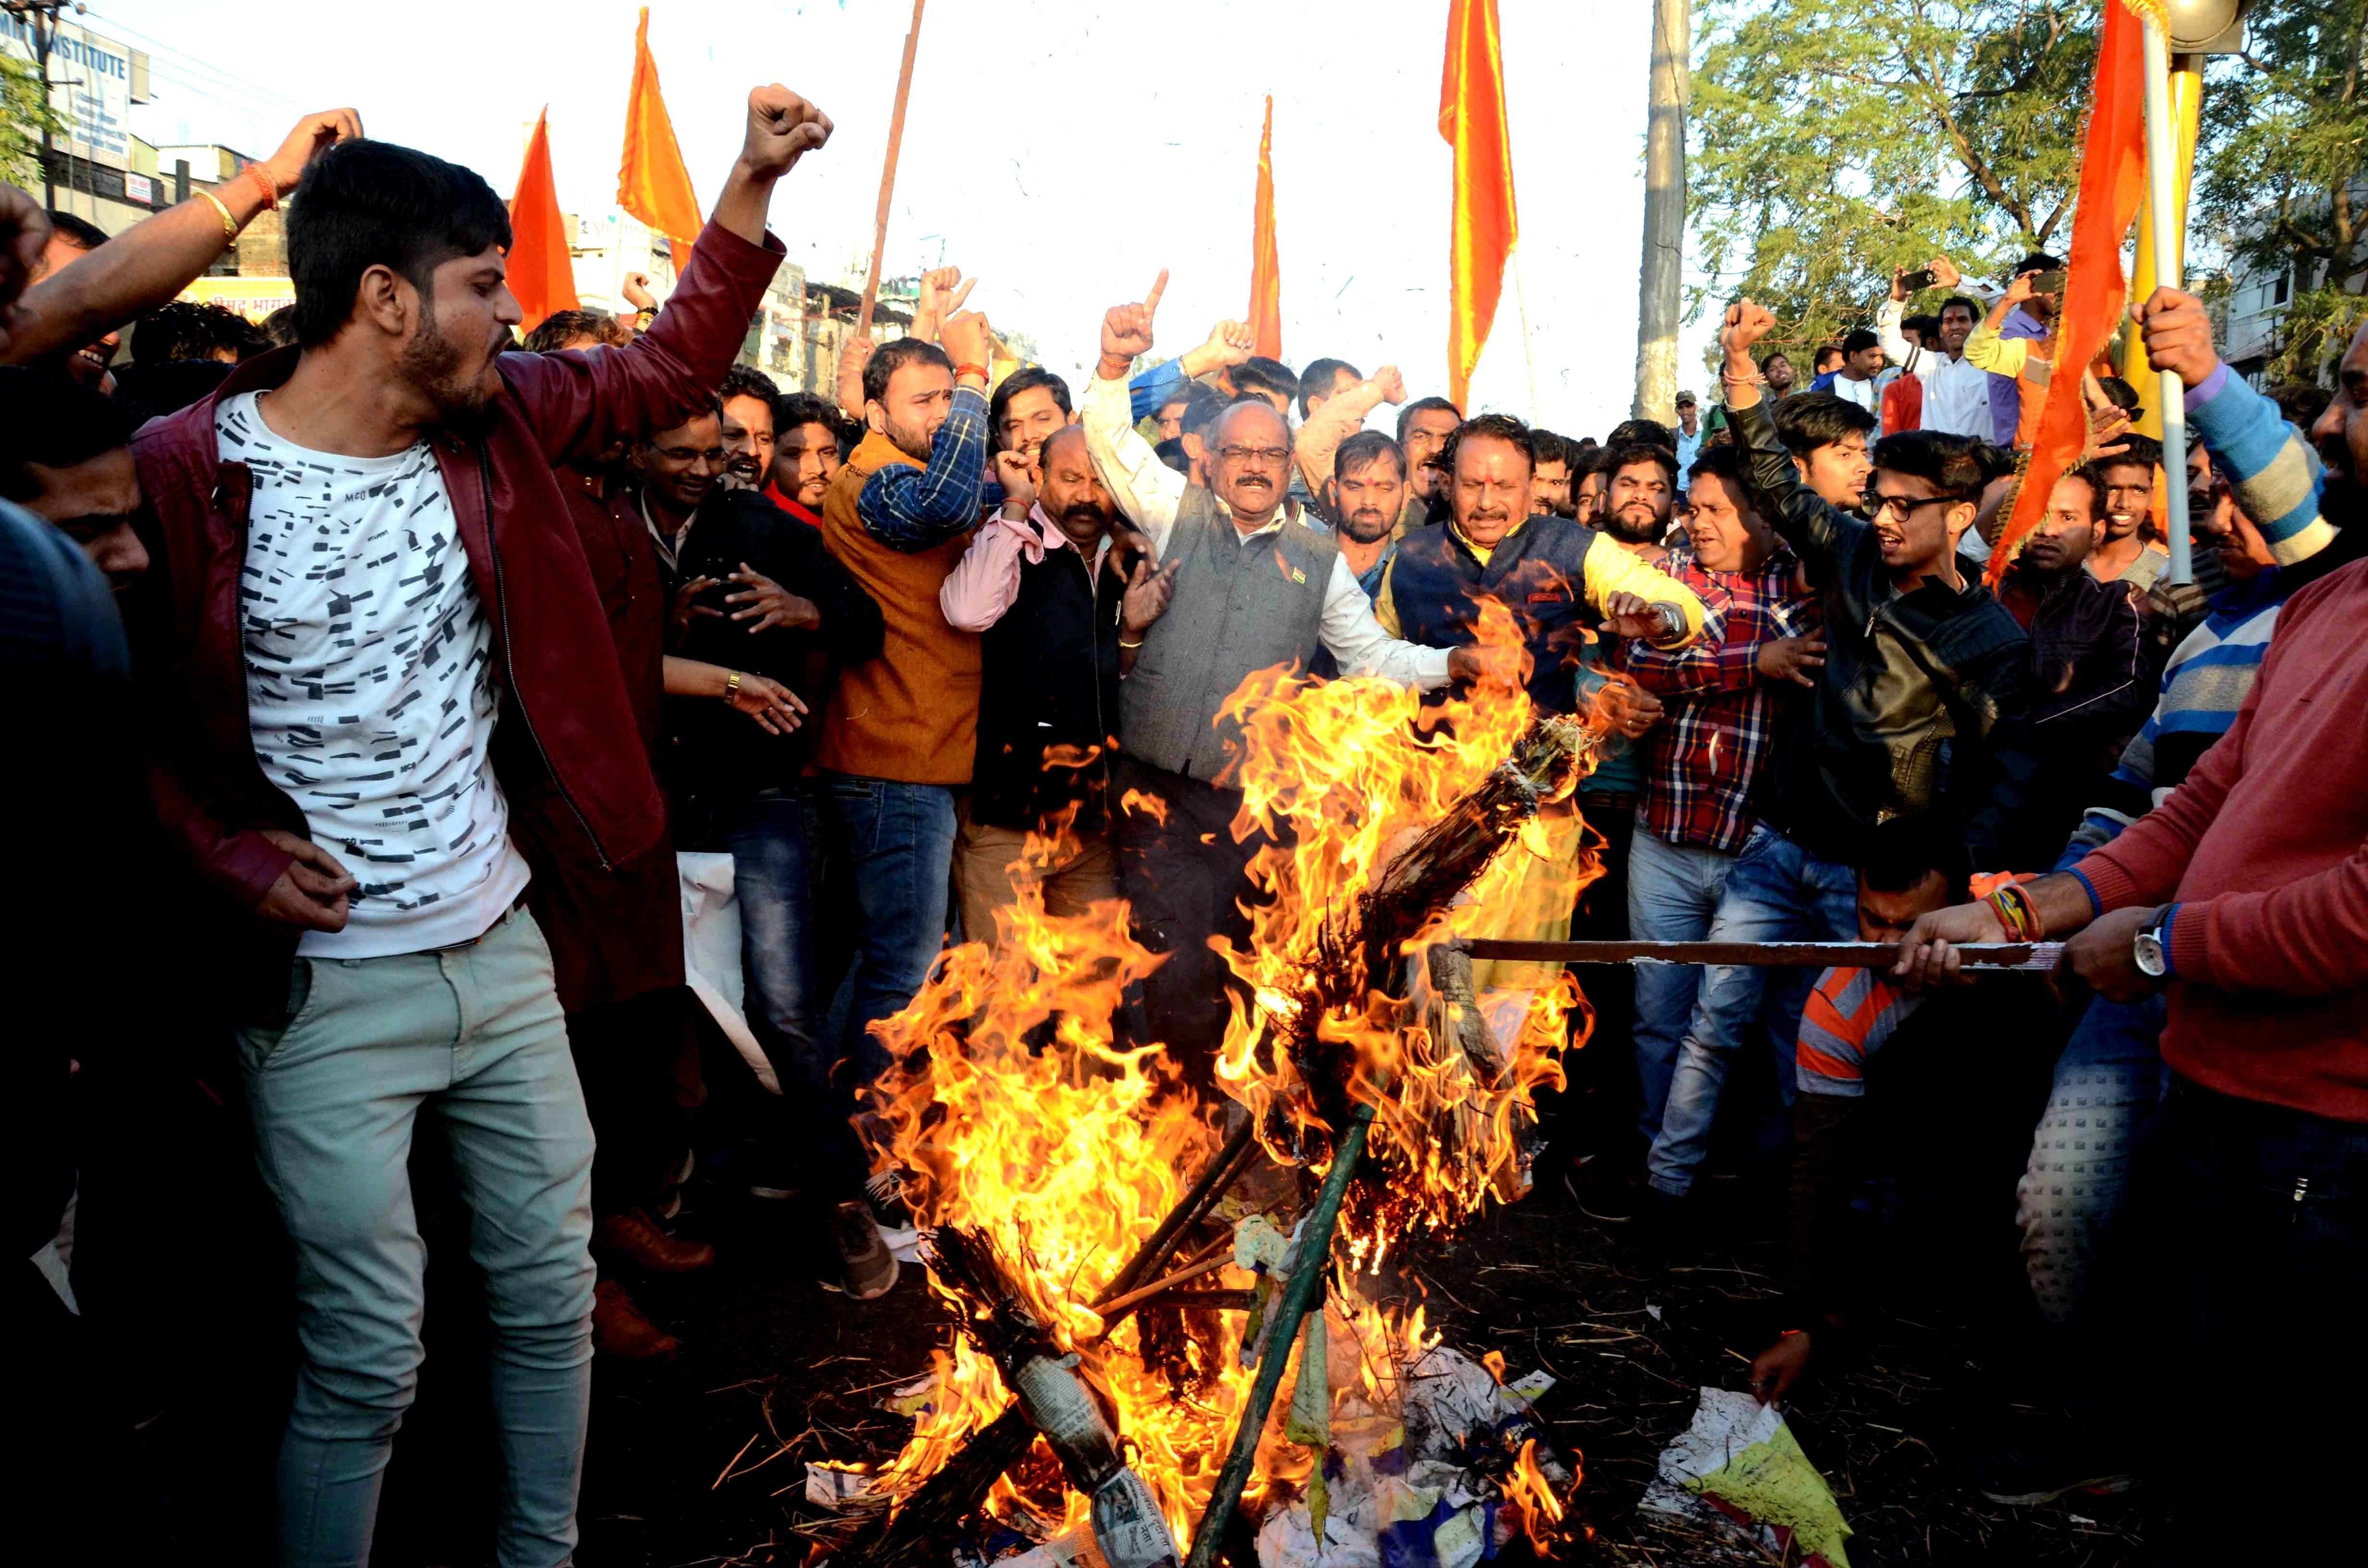 Protestes a Índia abans de l'estrena de la controvertida pel·lícula 'Padmaavat'. /SANJEEV GUPTA